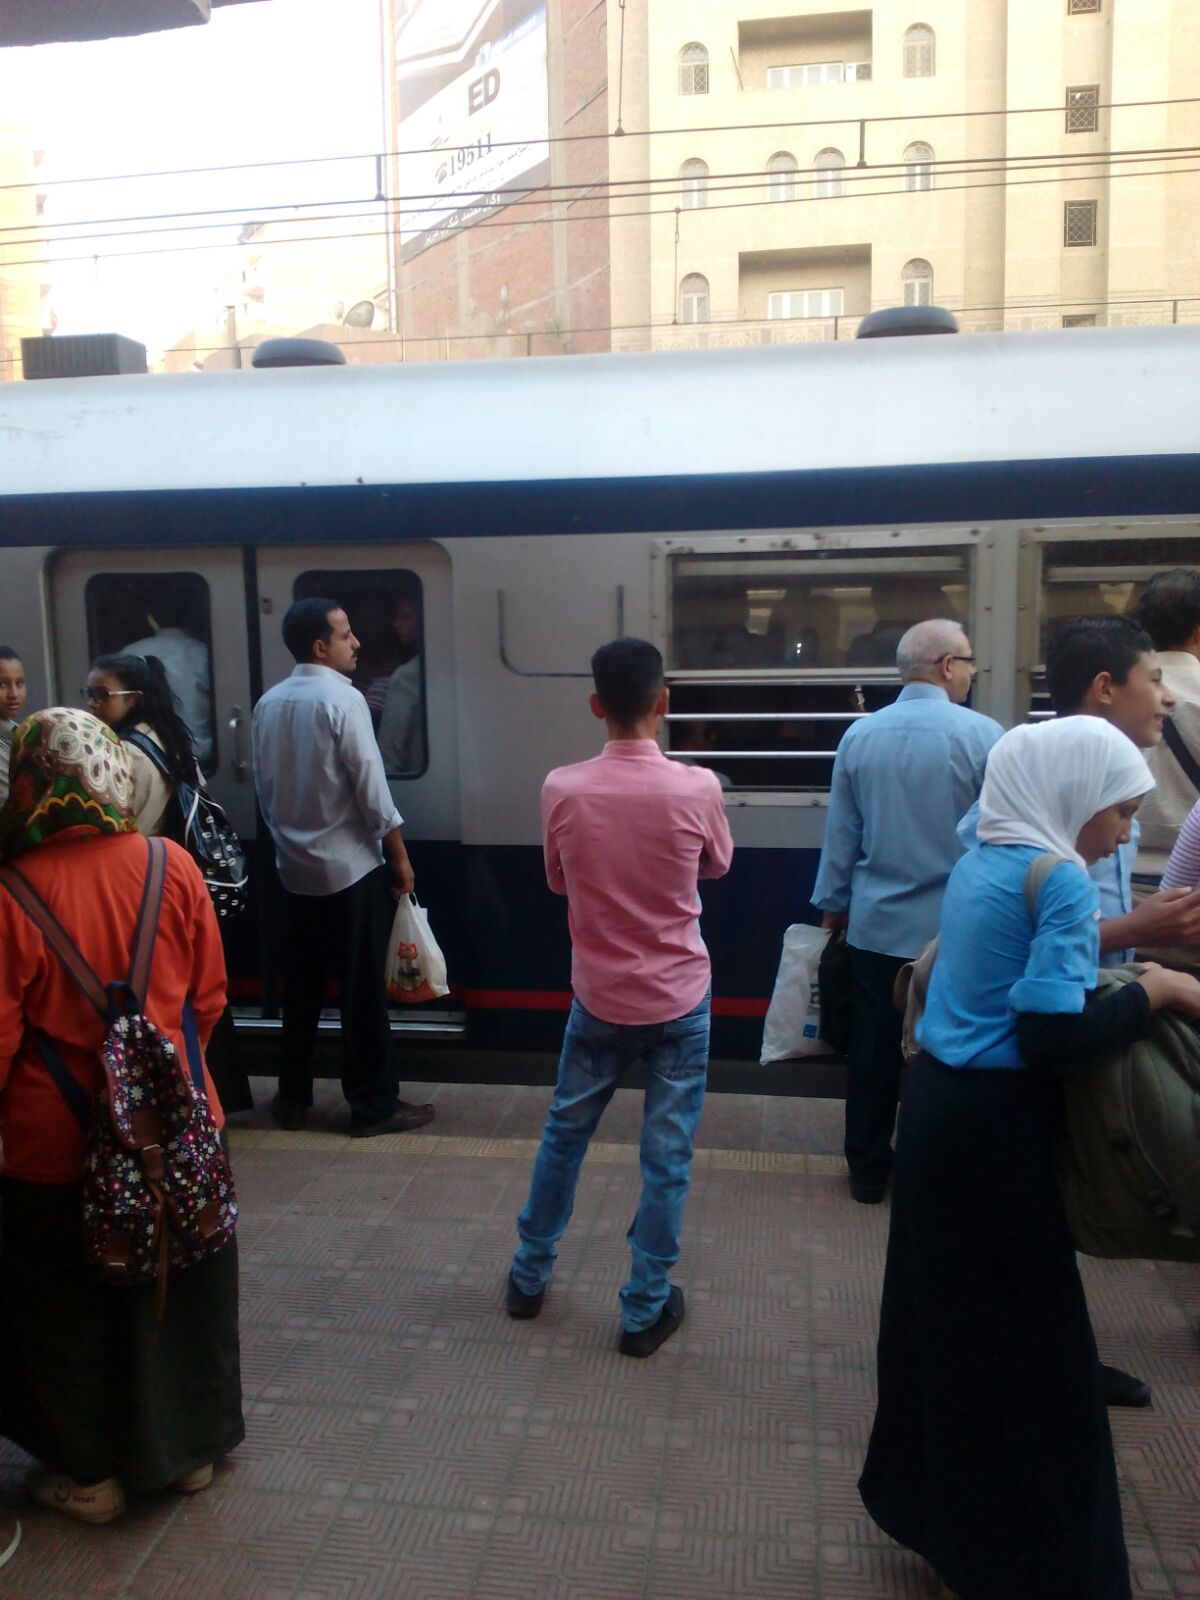 بالصور.. زحمة على رصيف مترو عزبة النخل صباحًا.. وحضور لافت لطلاب المدارس